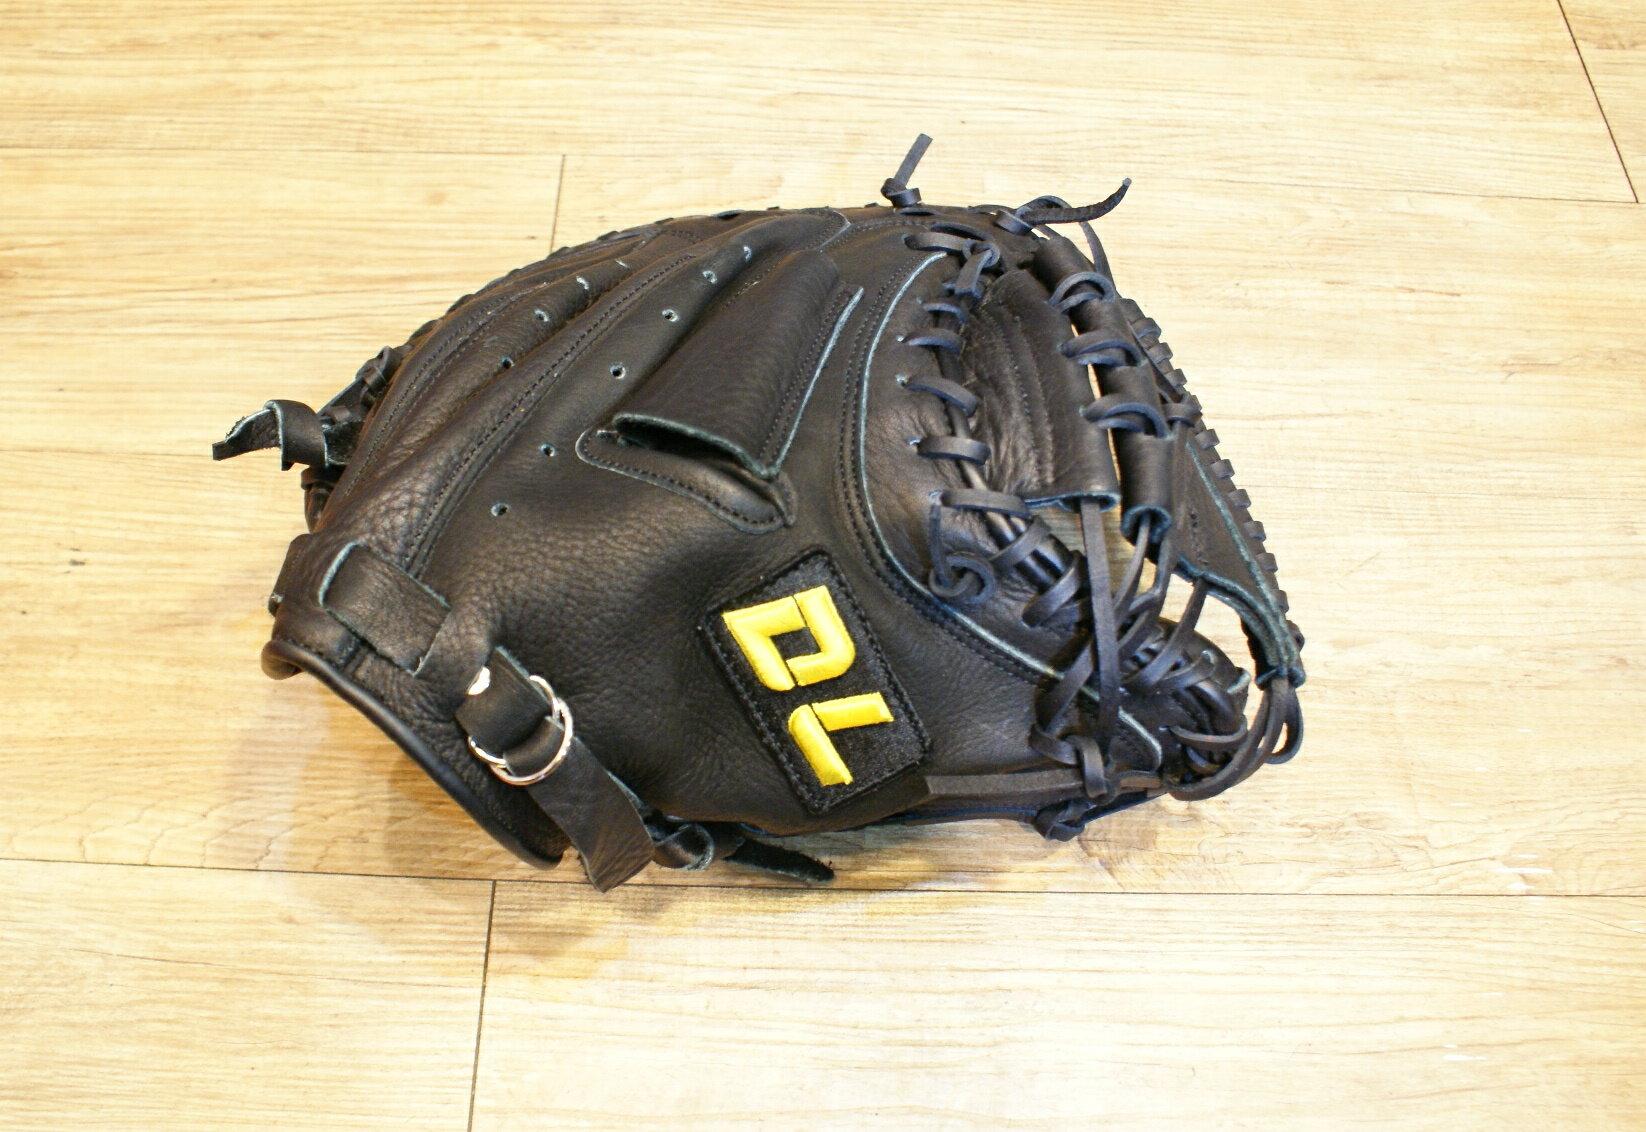 〈棒球世界〉全新DL 捕手手套/店家訂製款 / 送手套袋 黑色